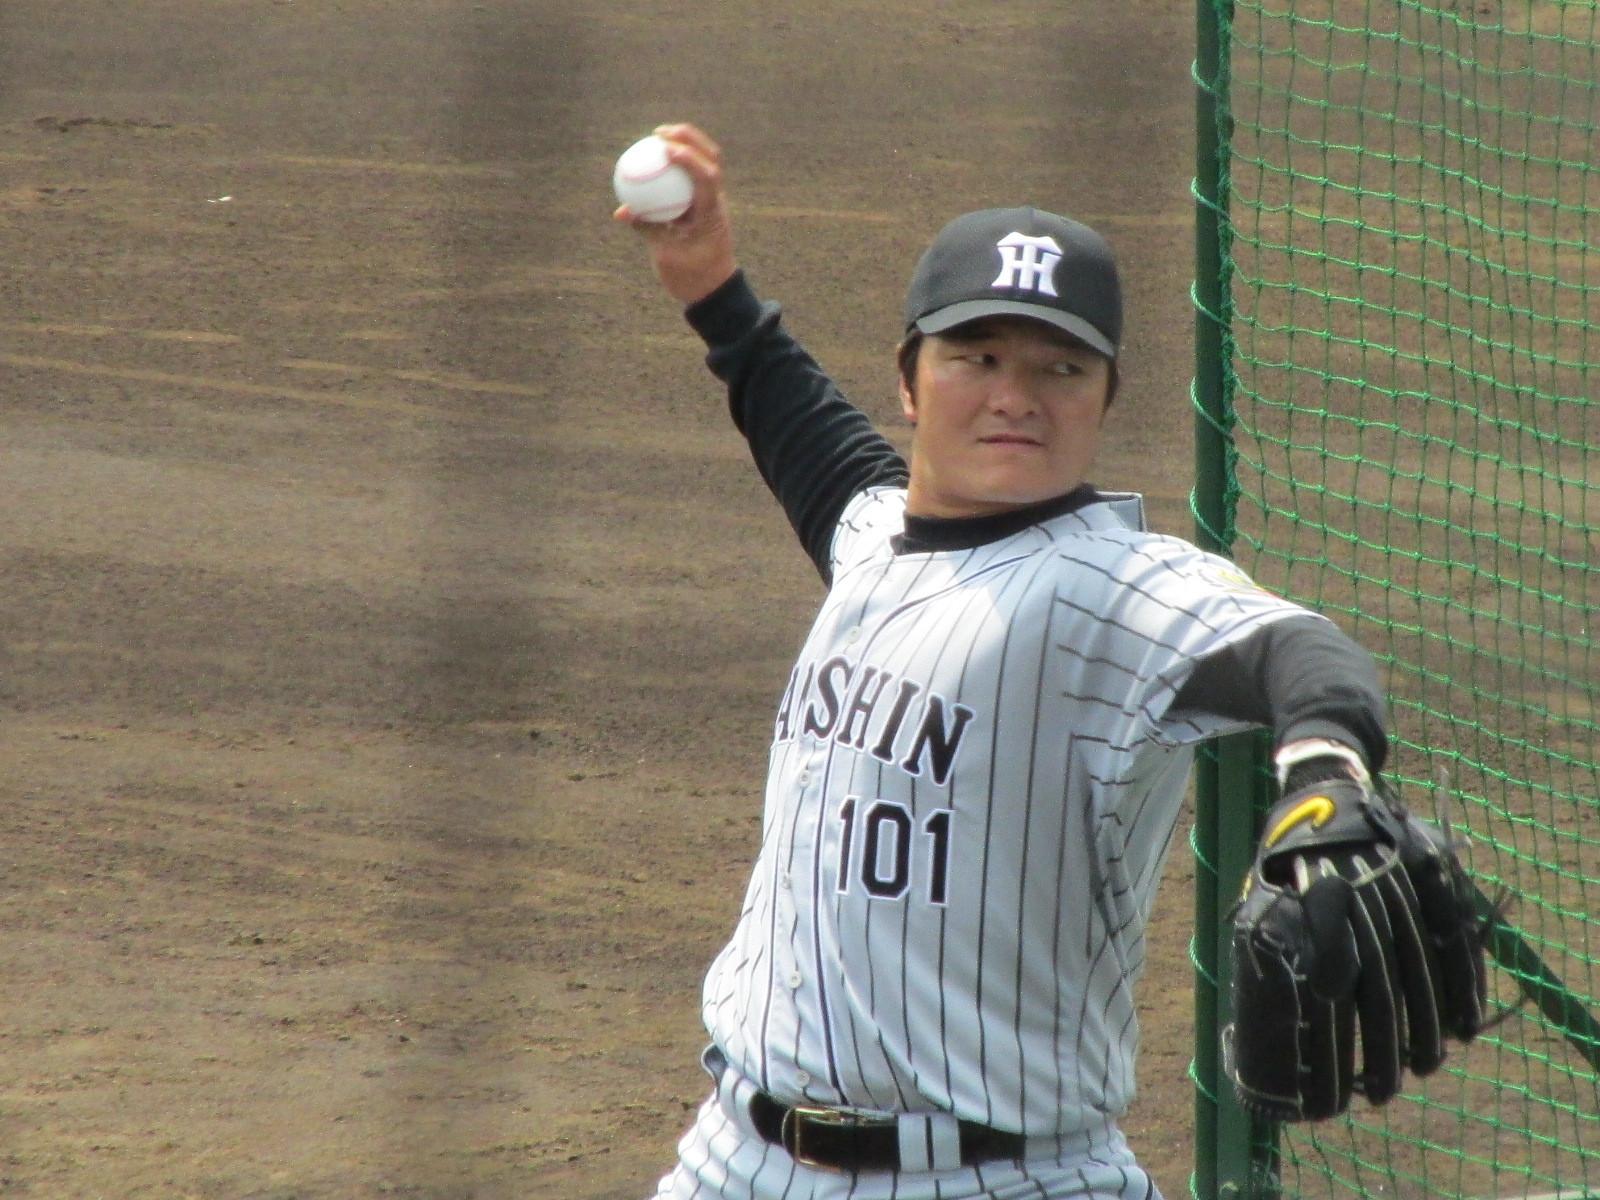 中日 西川健太郎 打撃投手 年俸 裏方